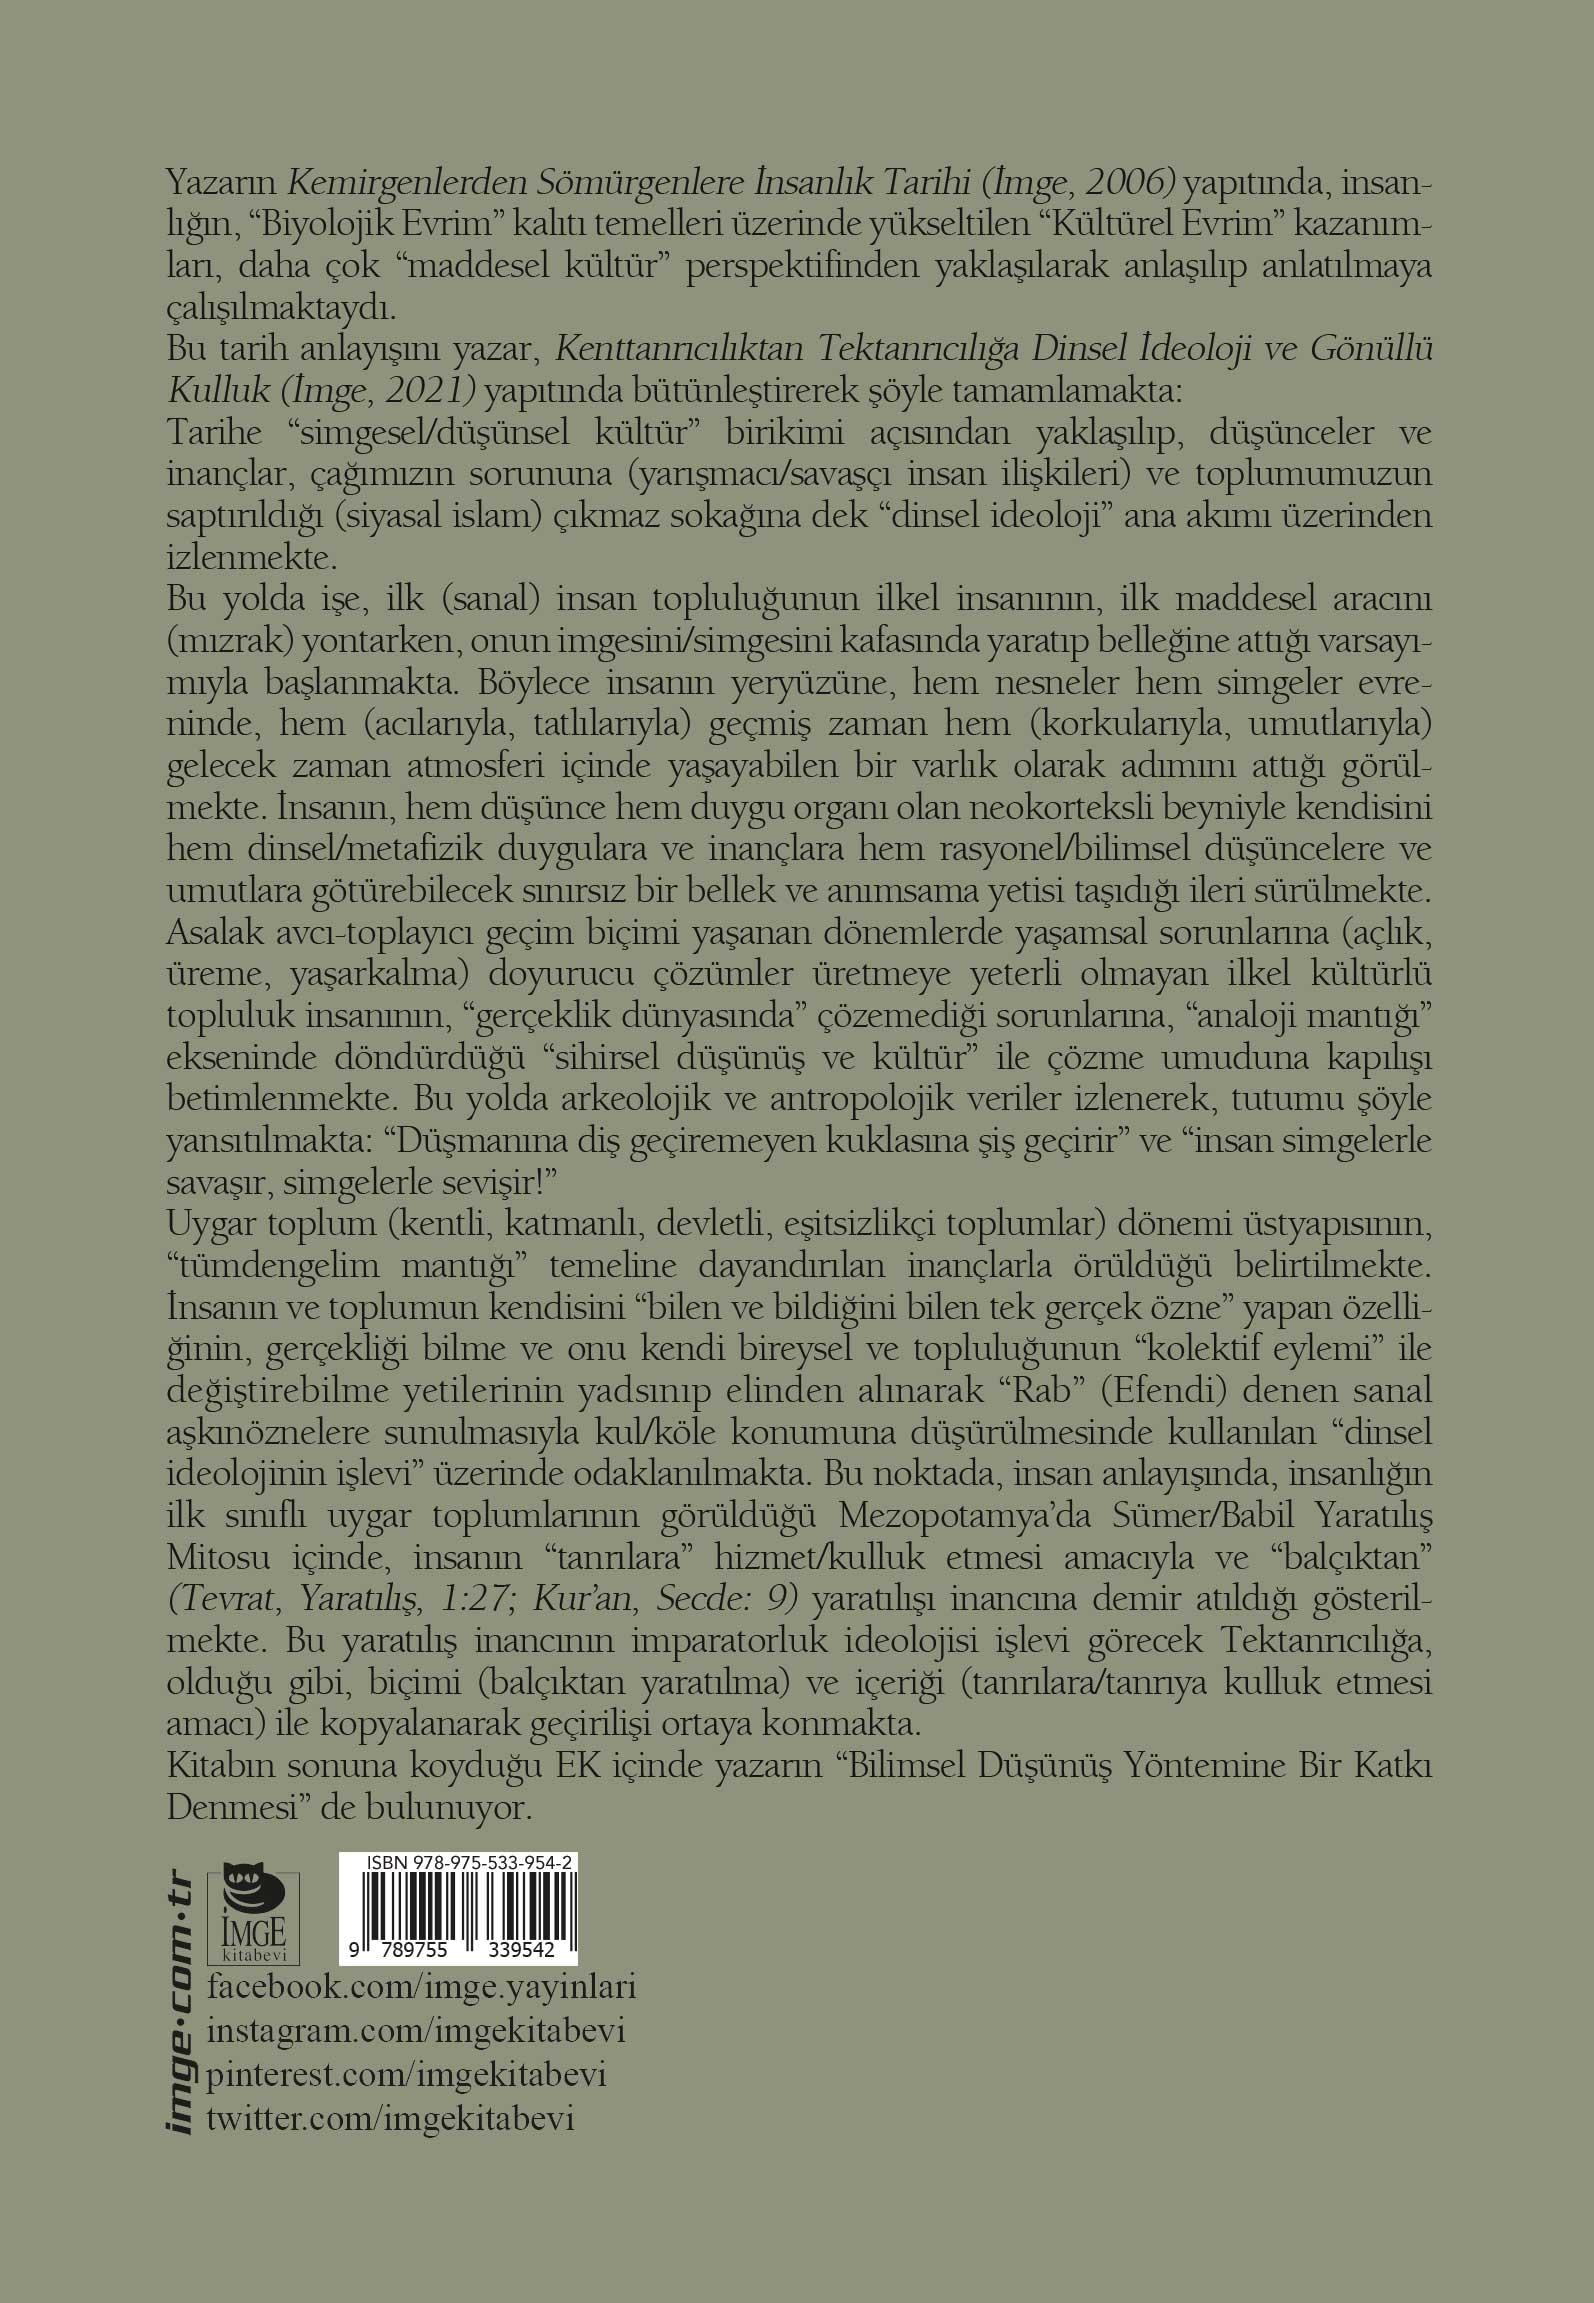 Dinsel İdeoloji ve Gönüllü Kulluk; Kenttanrıcılıktan Tektanrıcılığa